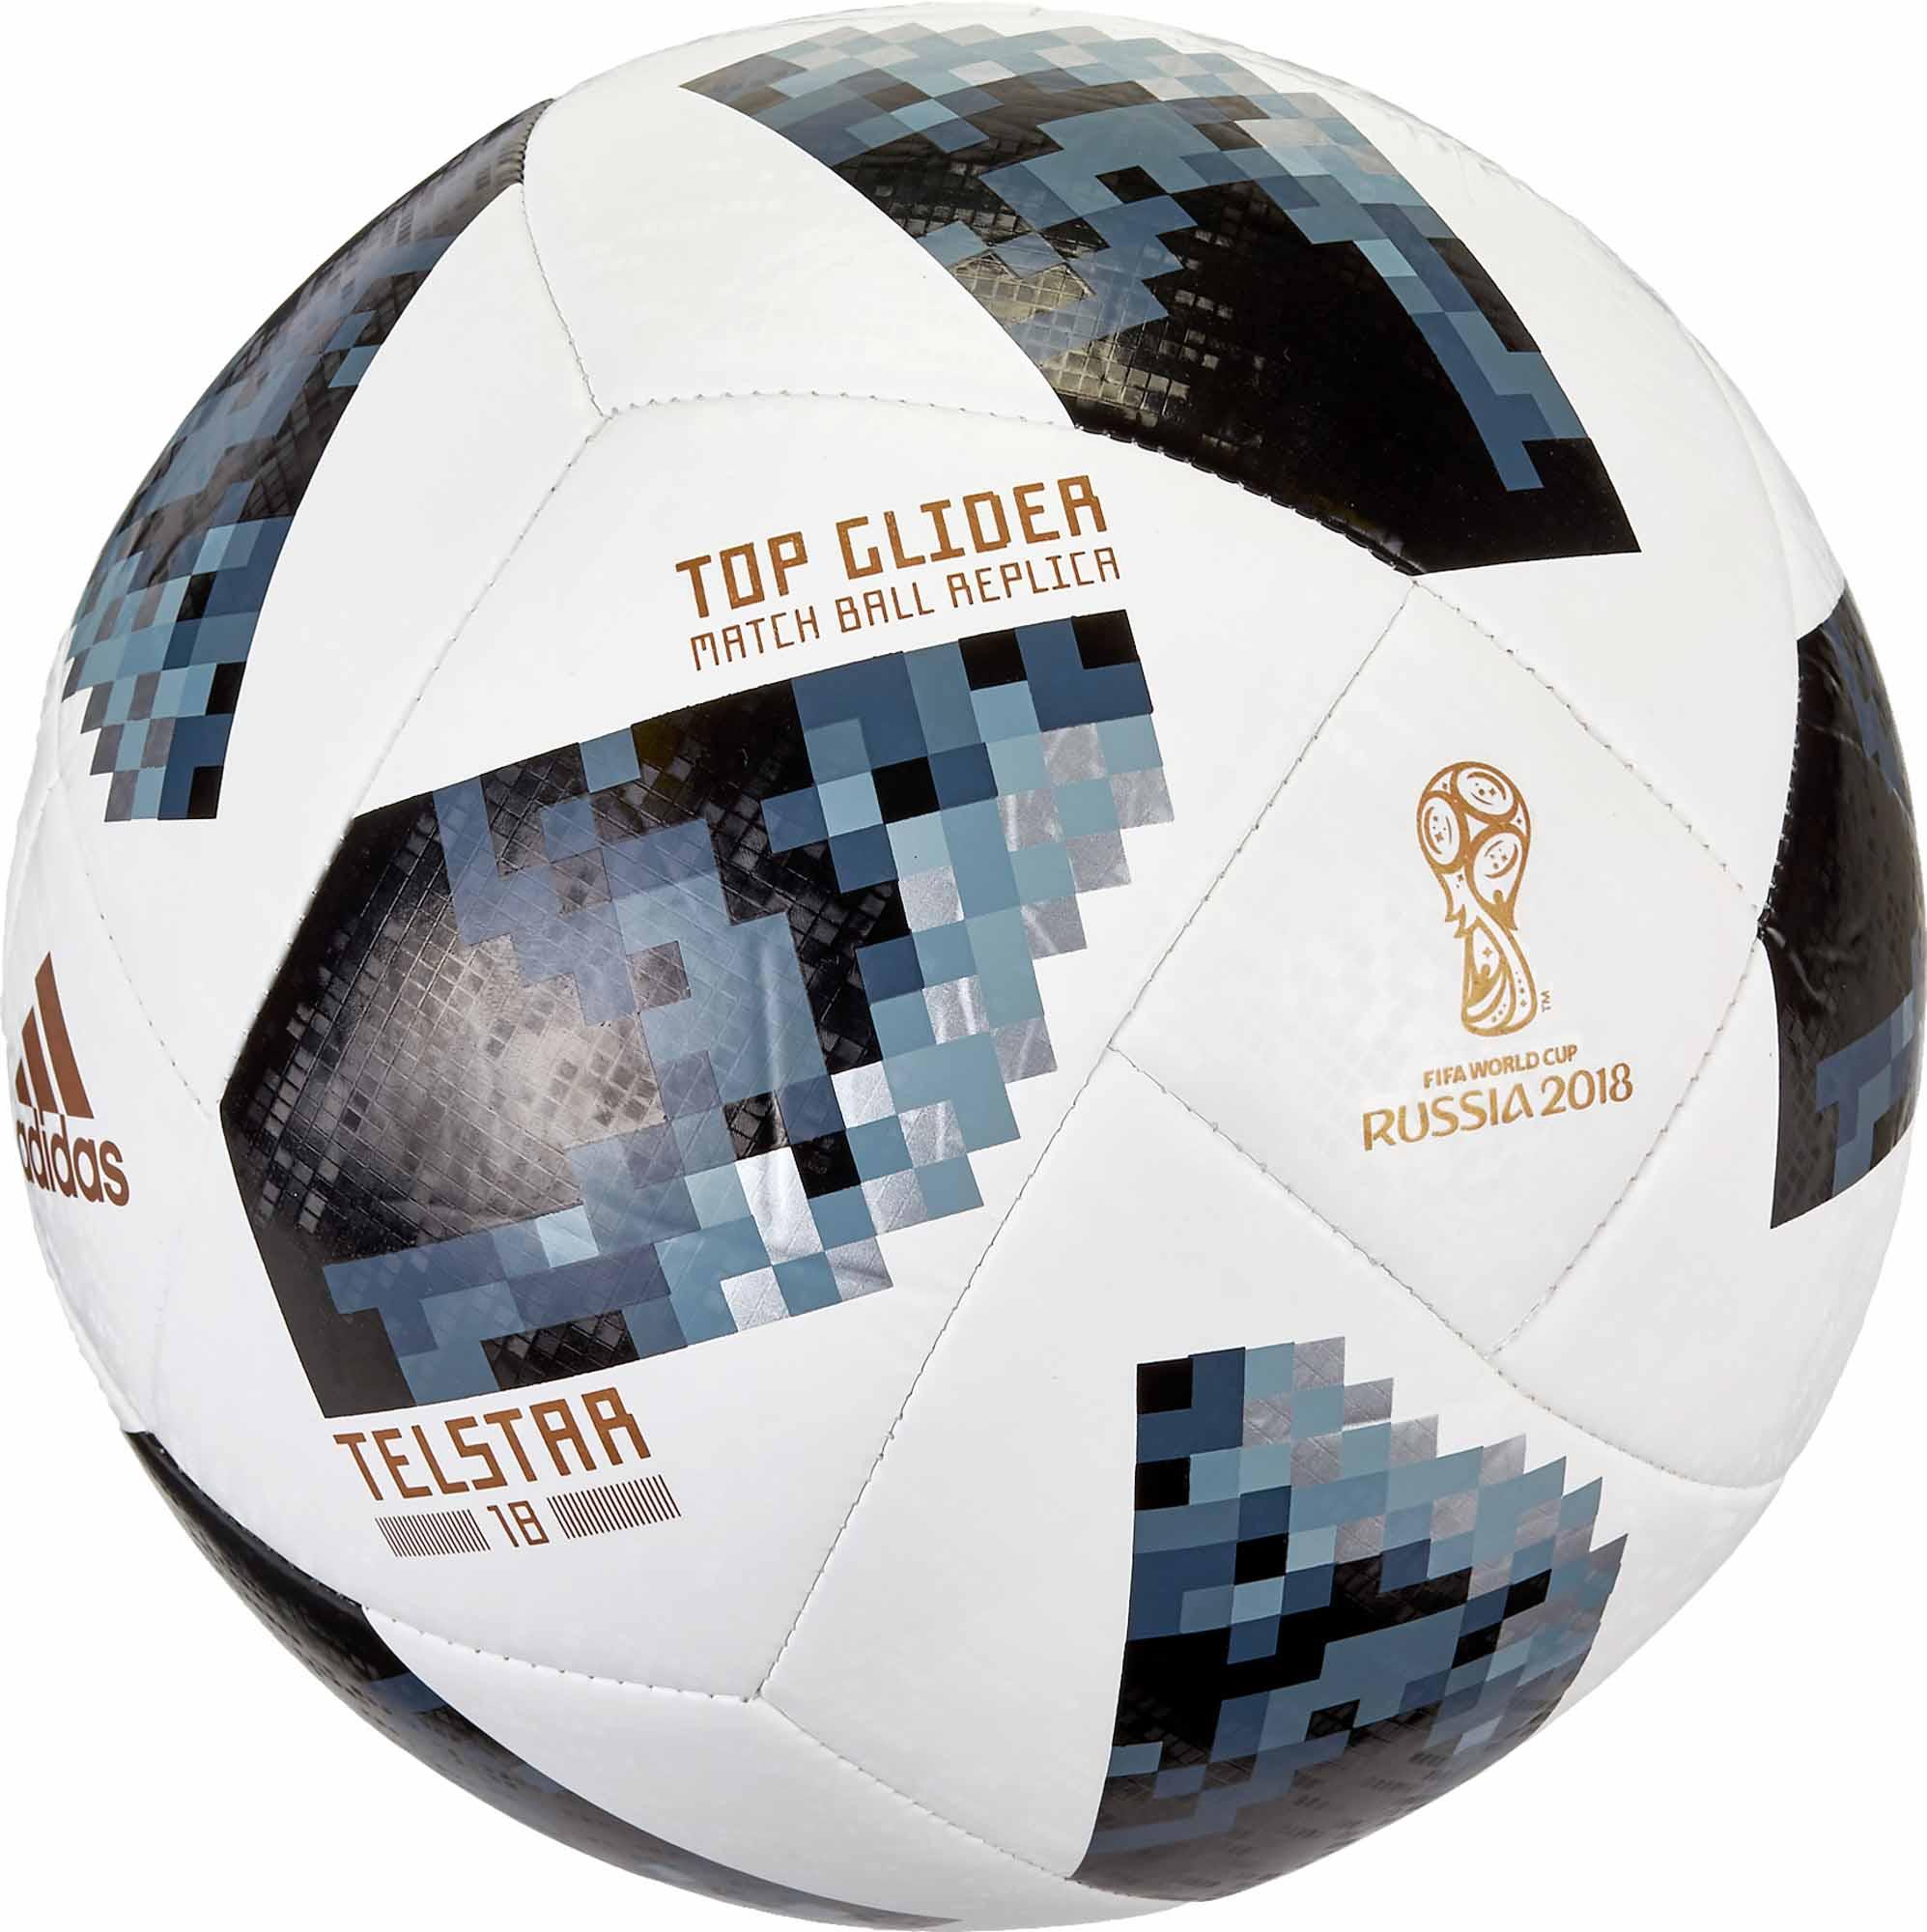 b72b71d6bce Home   Really Popular Stuff   Popular 2014 National Team Jerseys   adidas  World Cup Soccer Ball